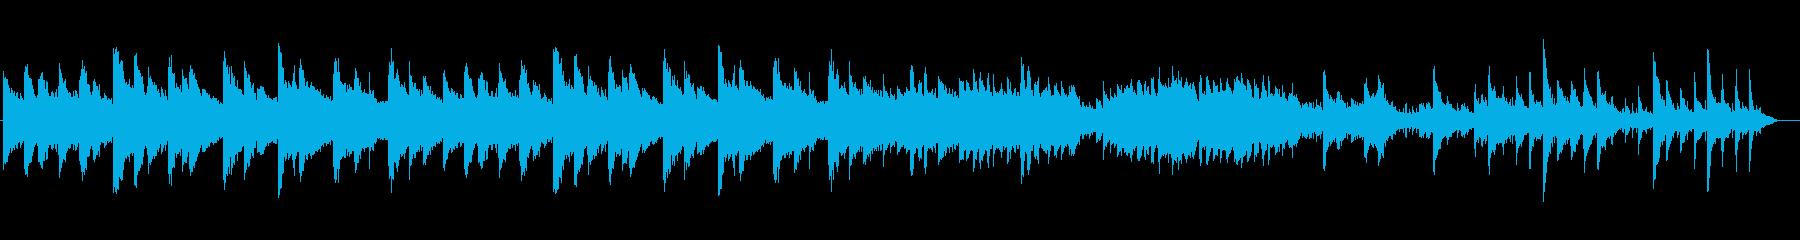 清涼感のある感動系ピアノの伴奏の再生済みの波形